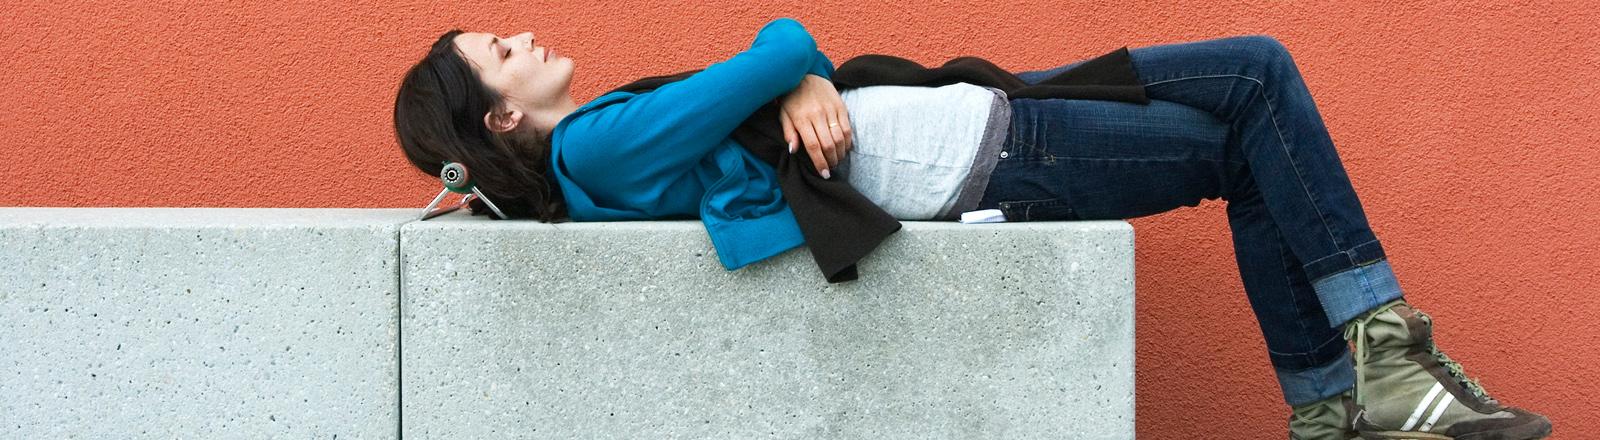 Frau liegt auf einer Betonbank, die Beine am Boden abgestellt, die Augen geschlossen.